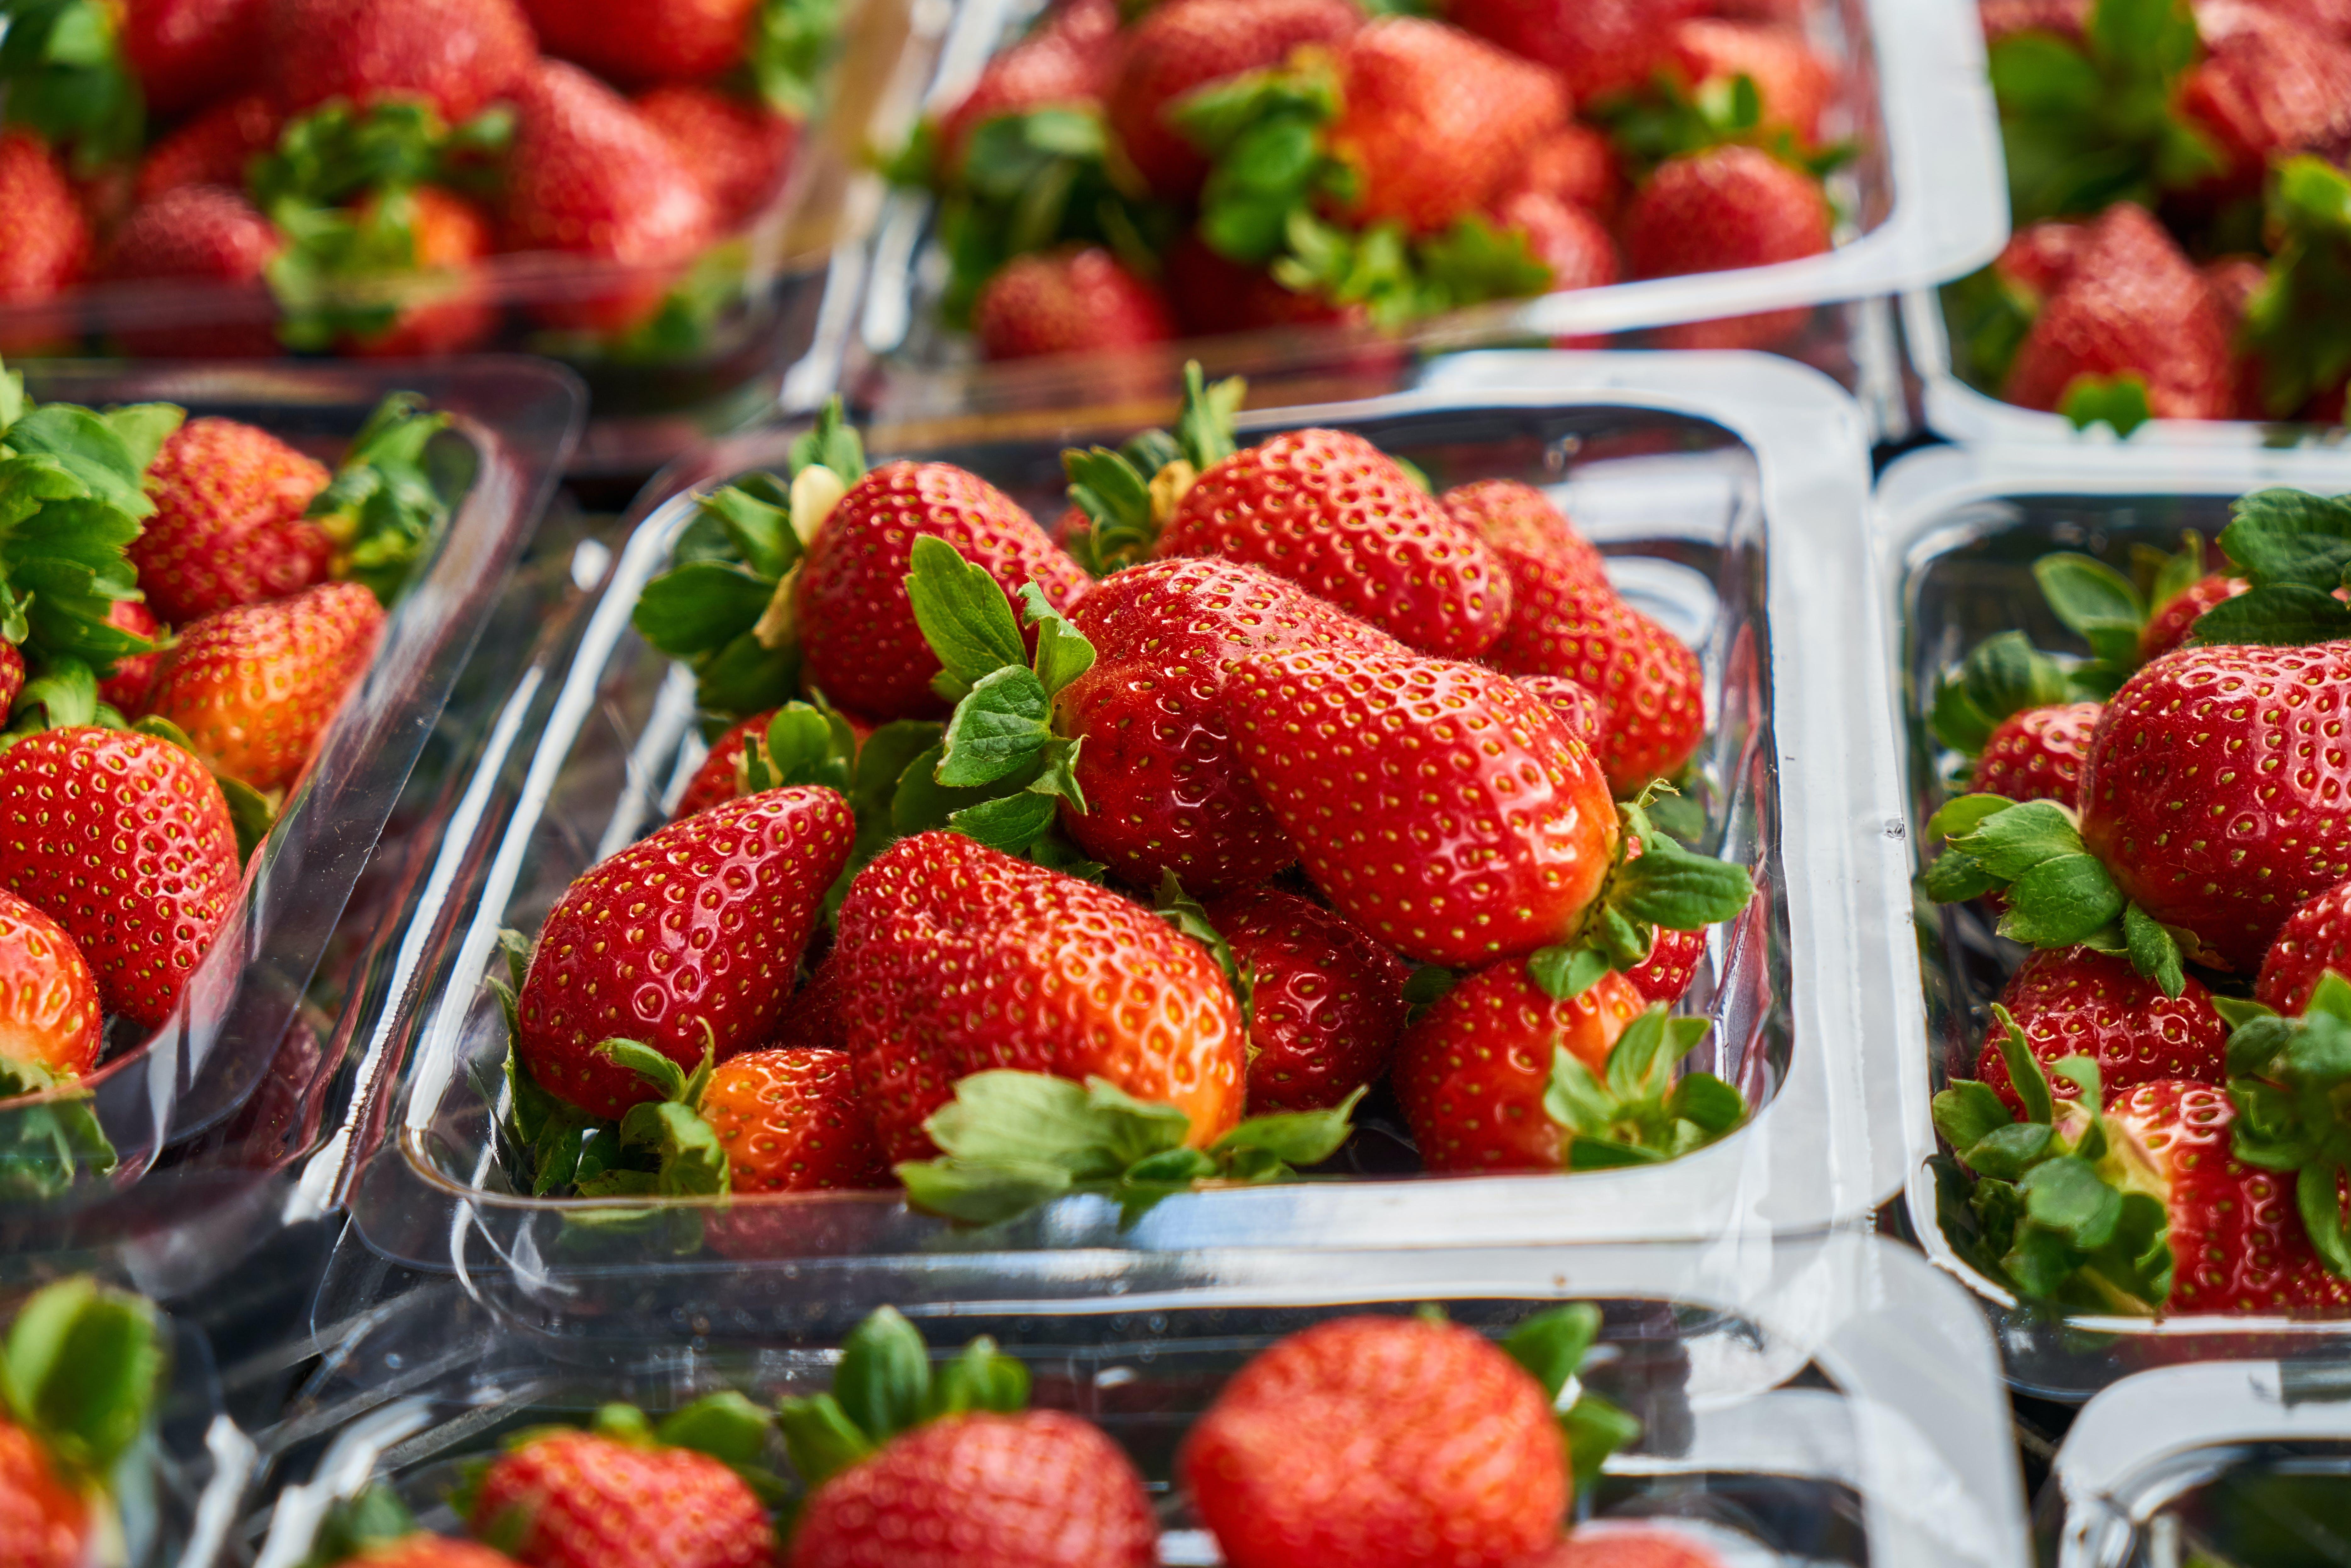 zu 4k wallpaper, beeren, container, erdbeeren